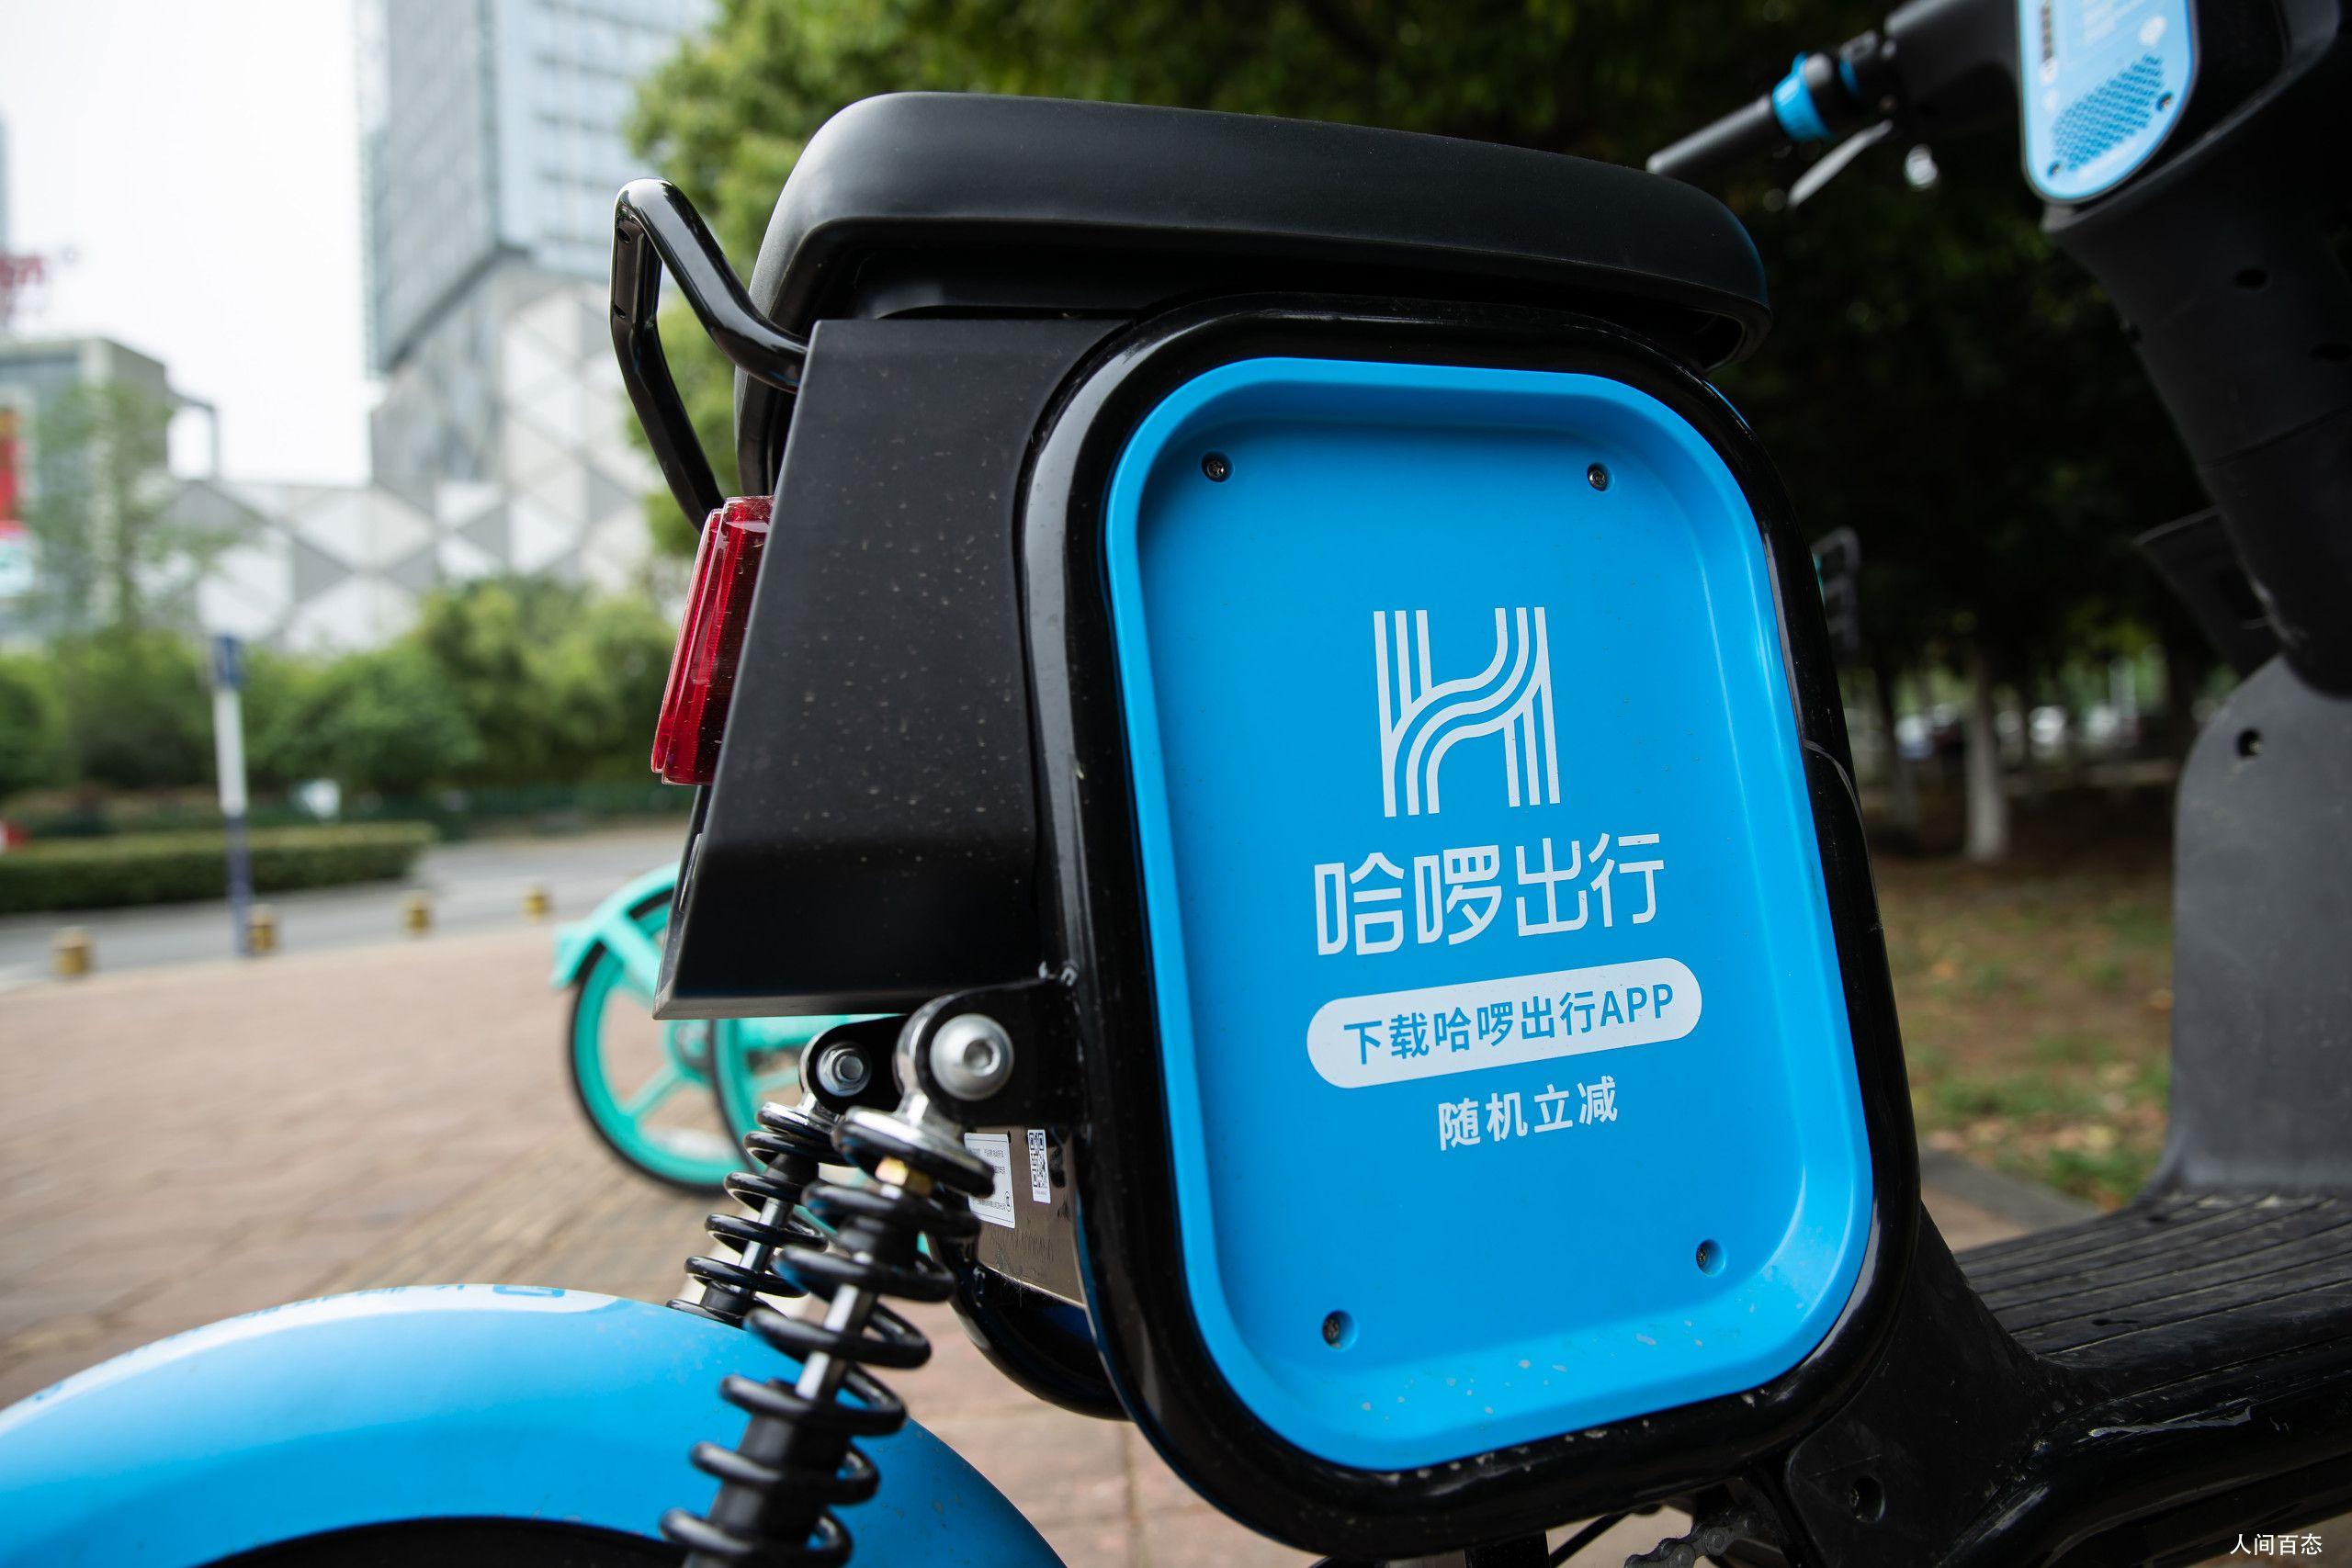 哈啰杨磊被限消费 共享单车困局怎么破